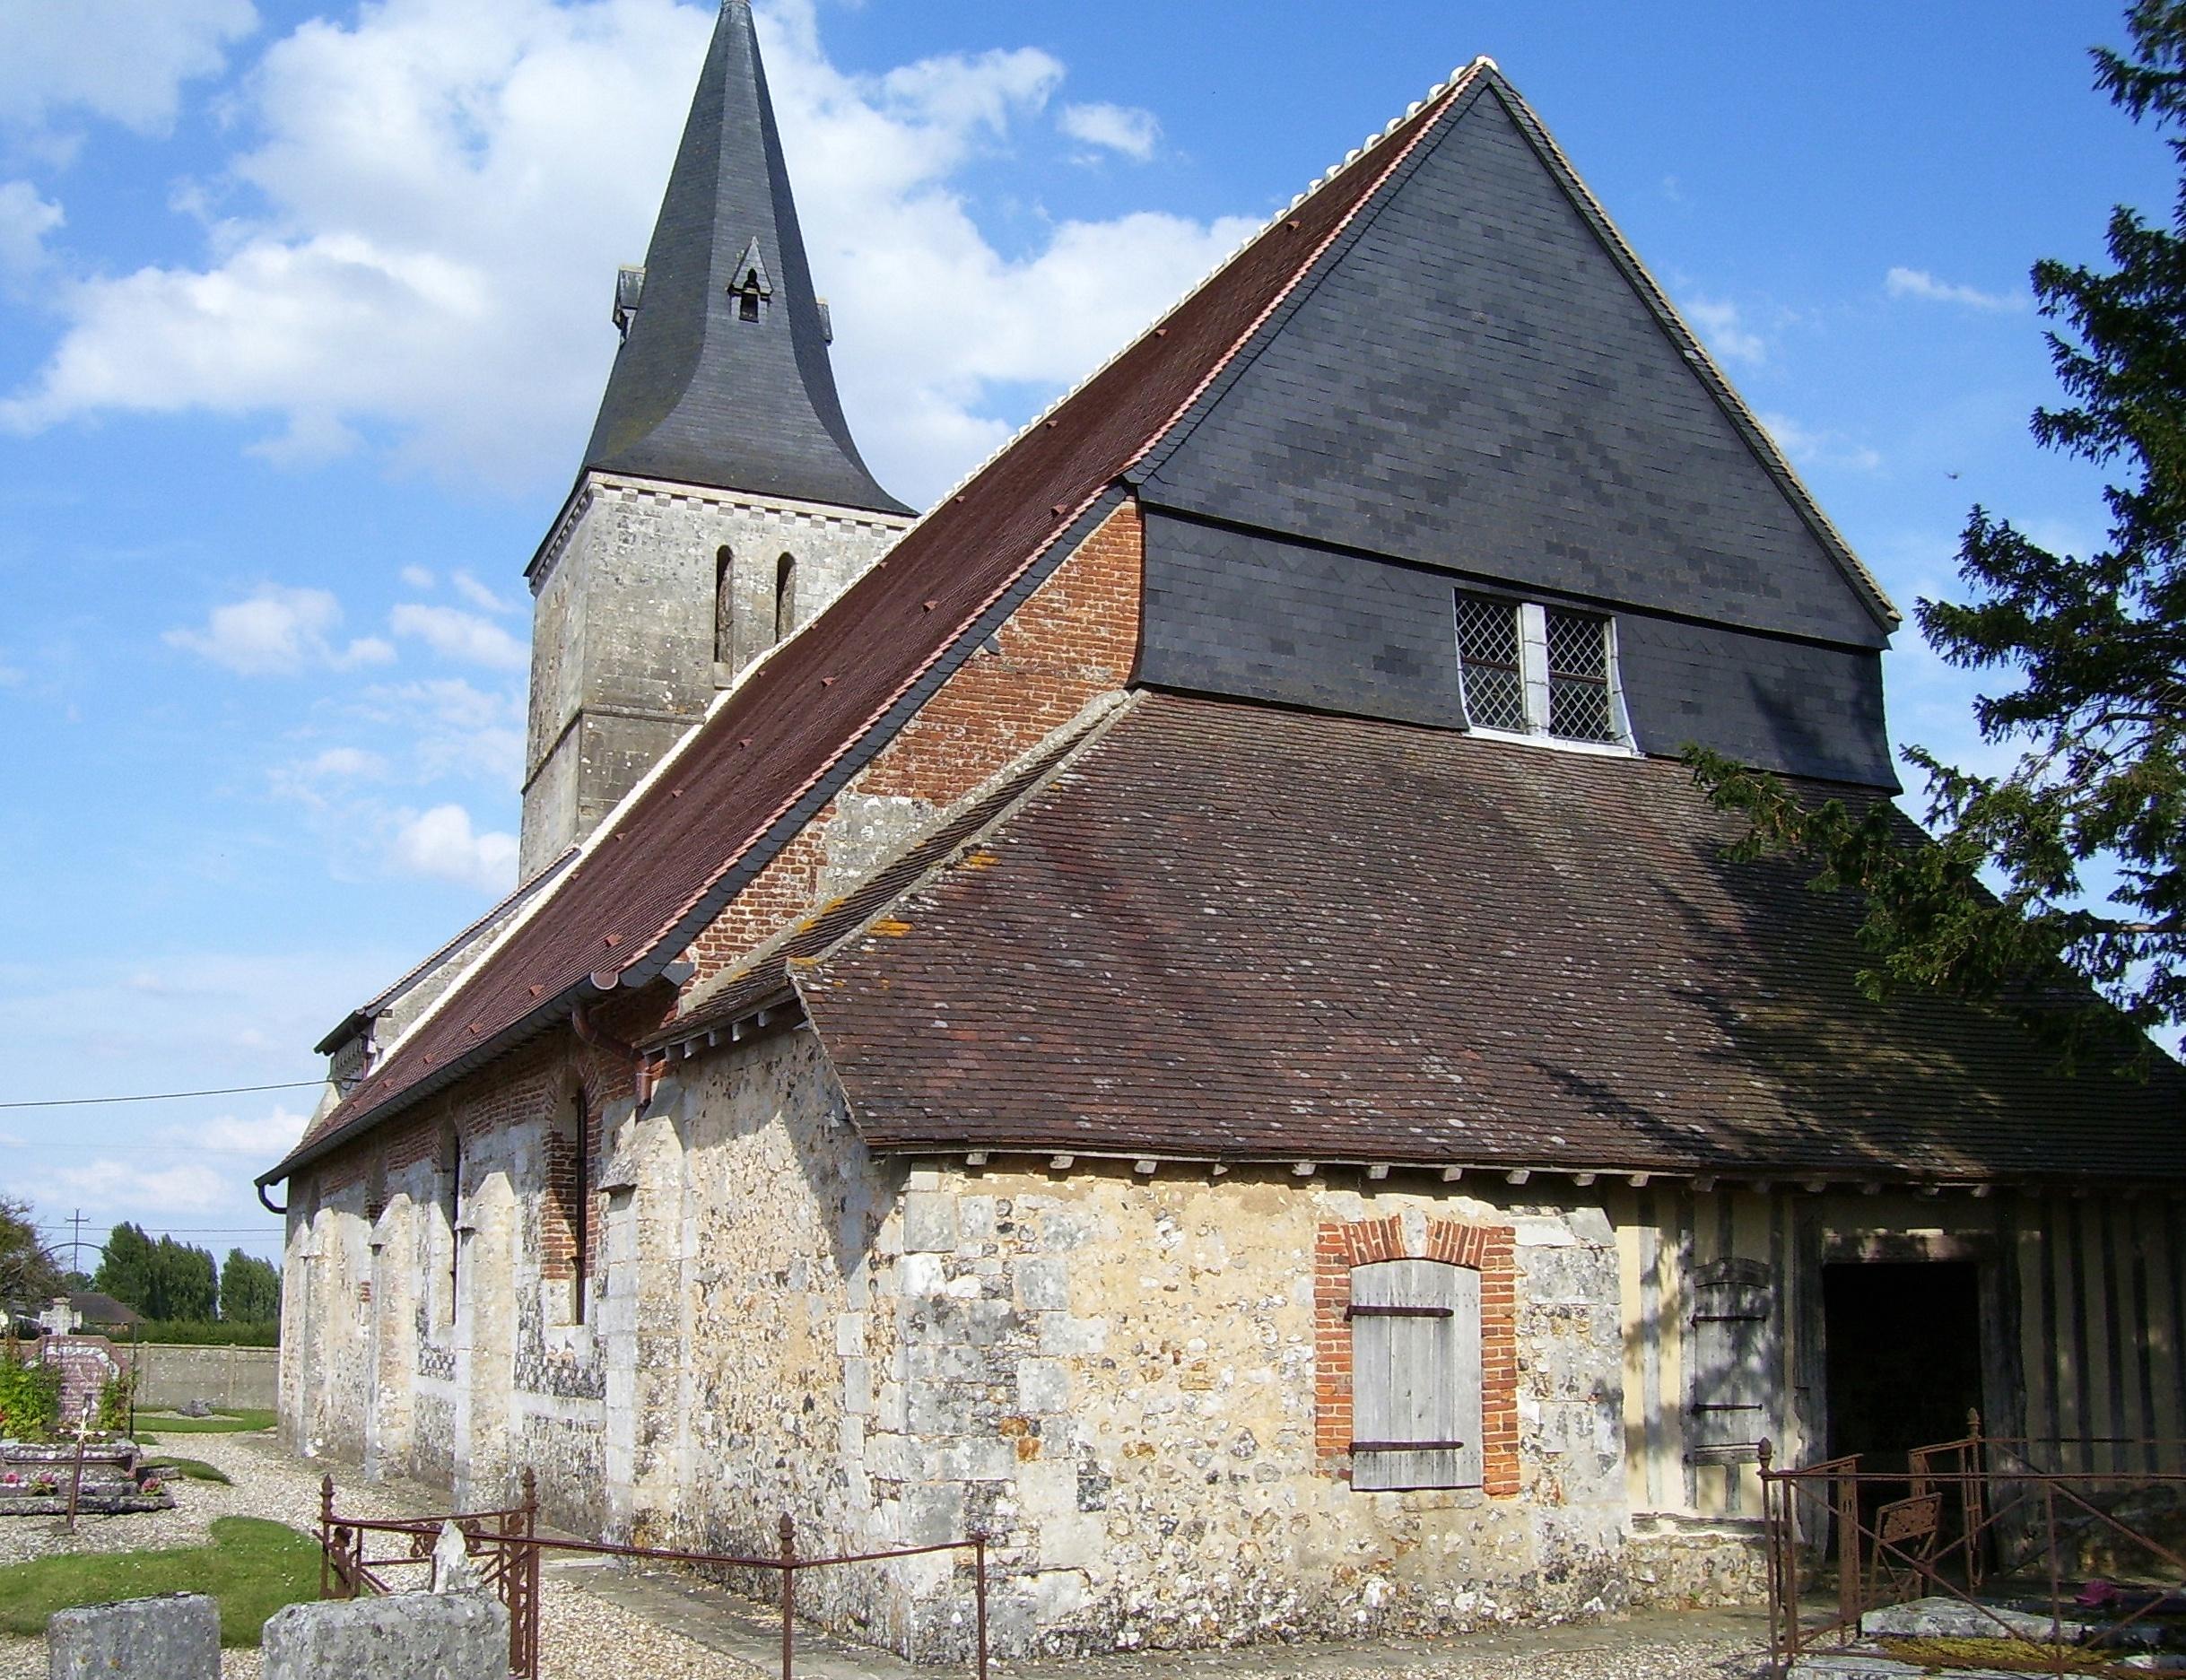 Église Saint-Aubin, eigenes Foto, Lizenz: public domain/gemeinfrei